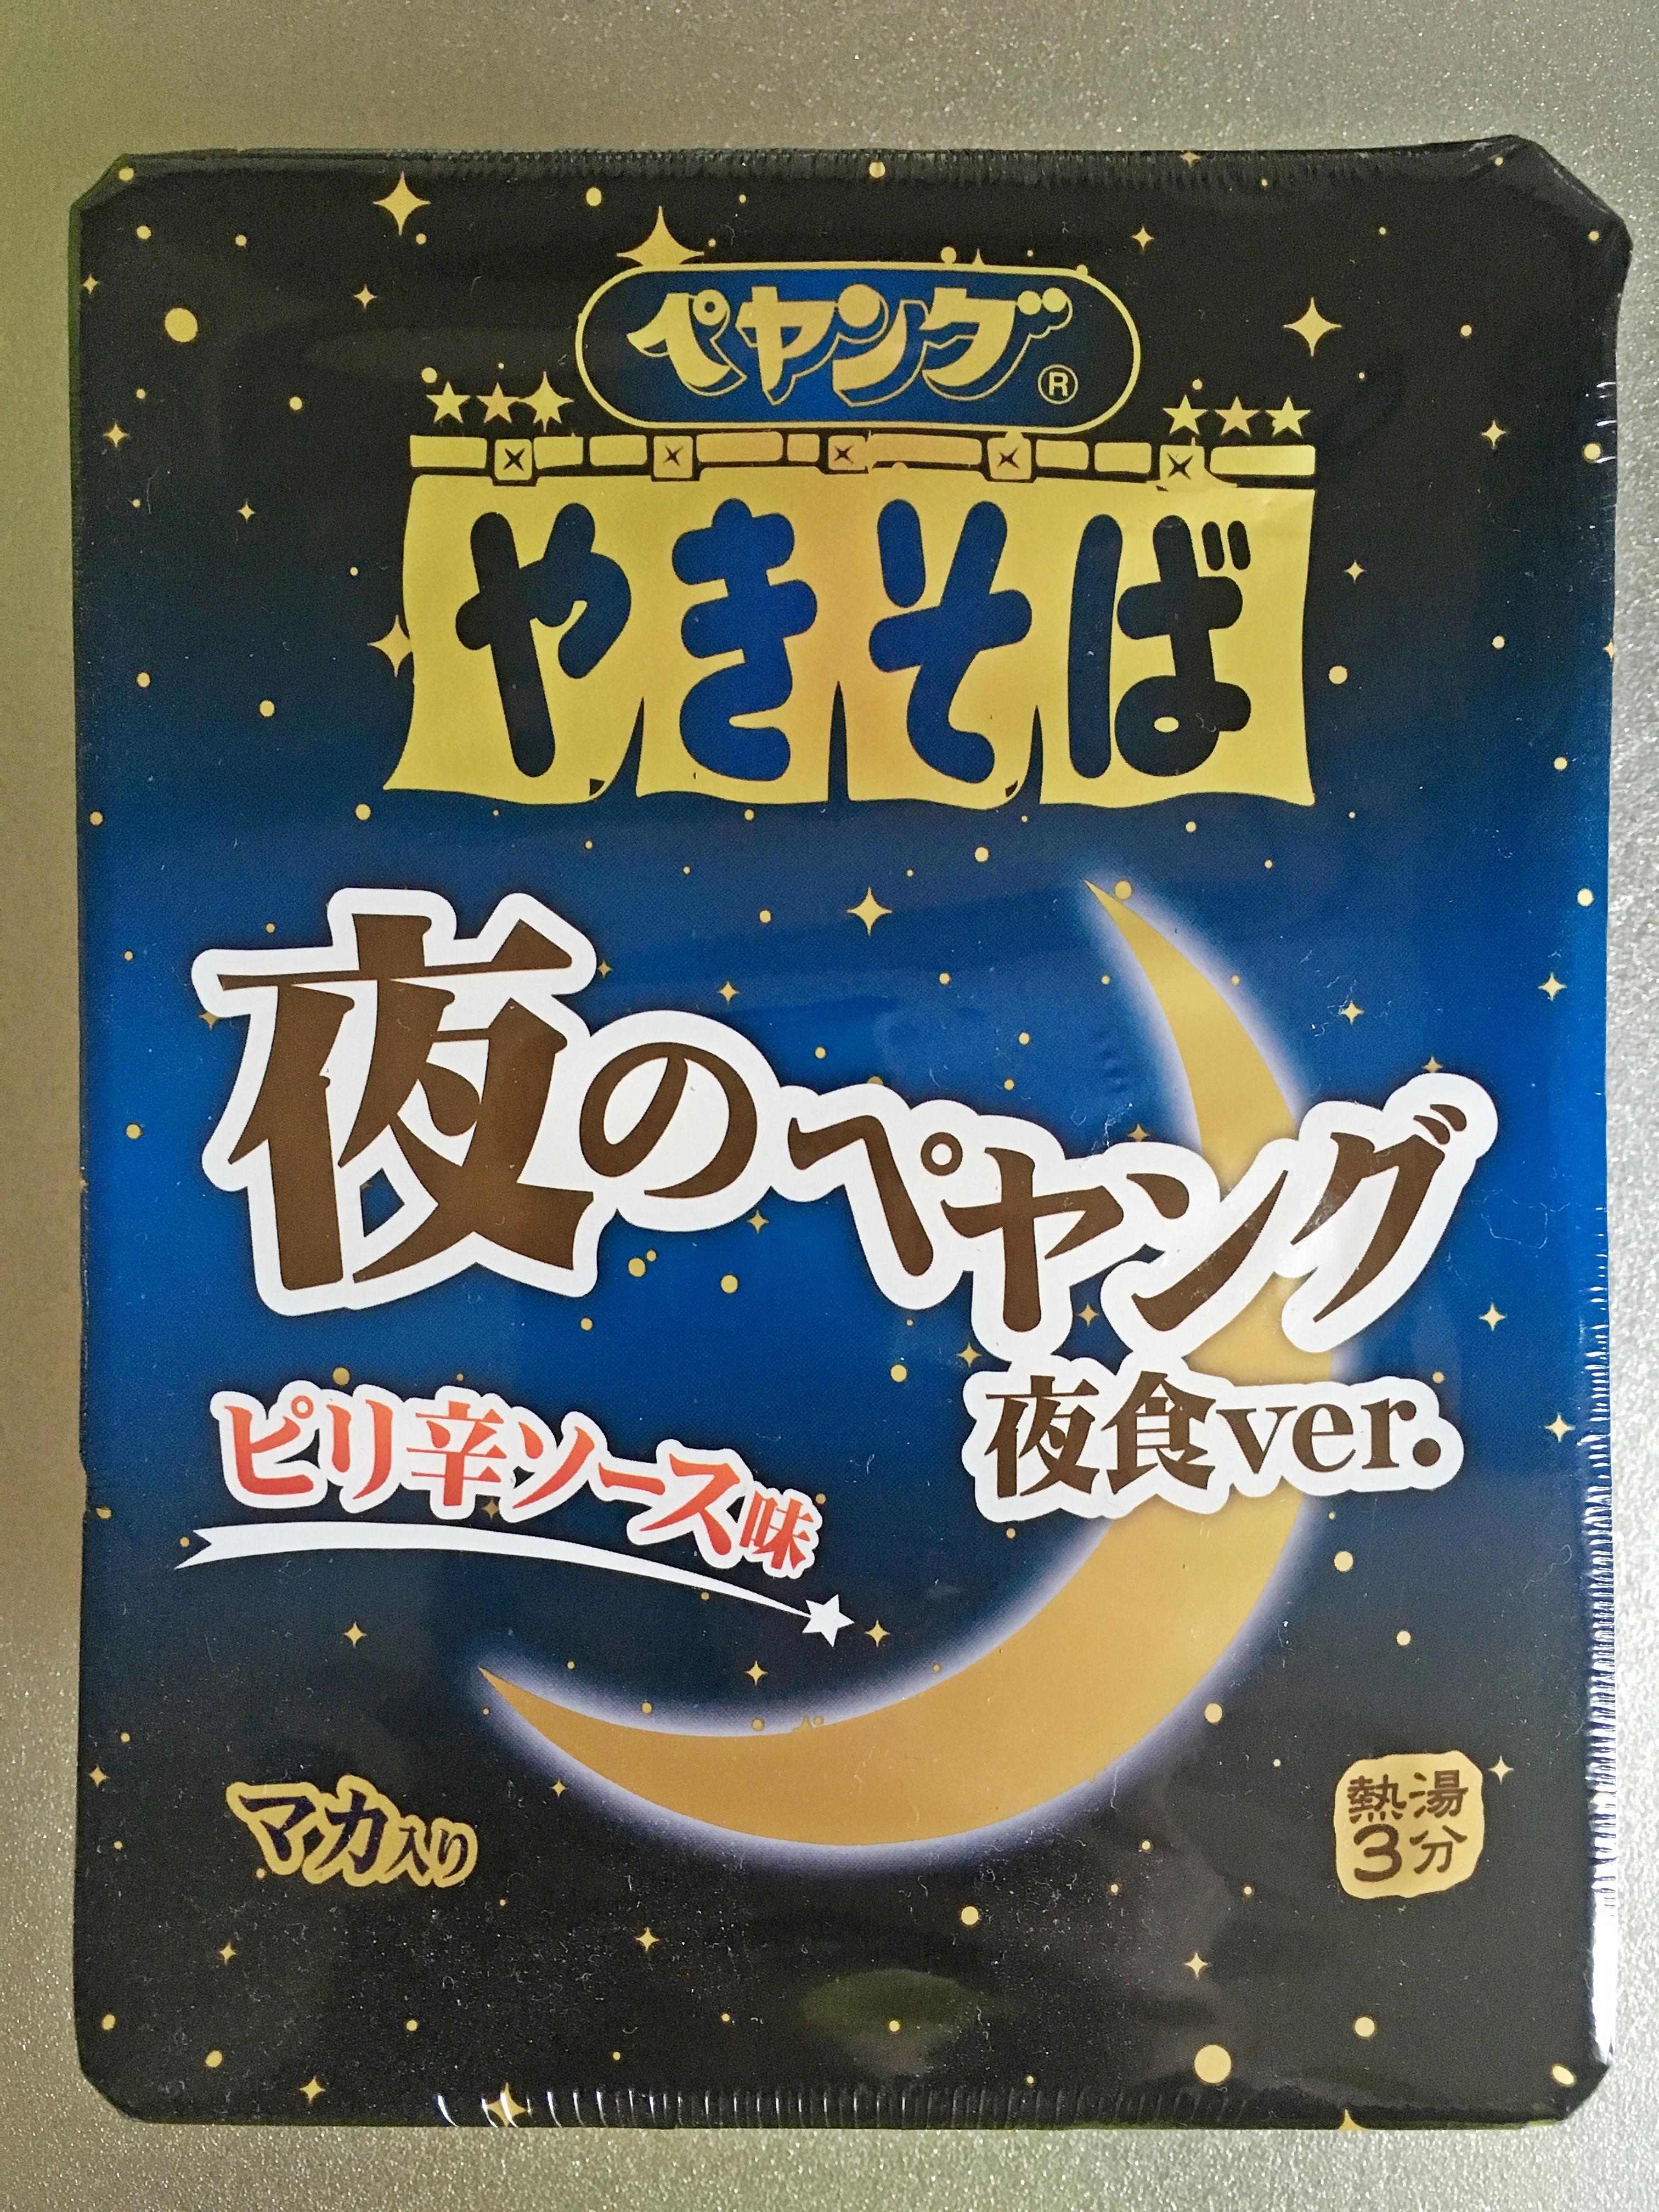 夜のペヤング 夜食Ver パッケージ.JPG